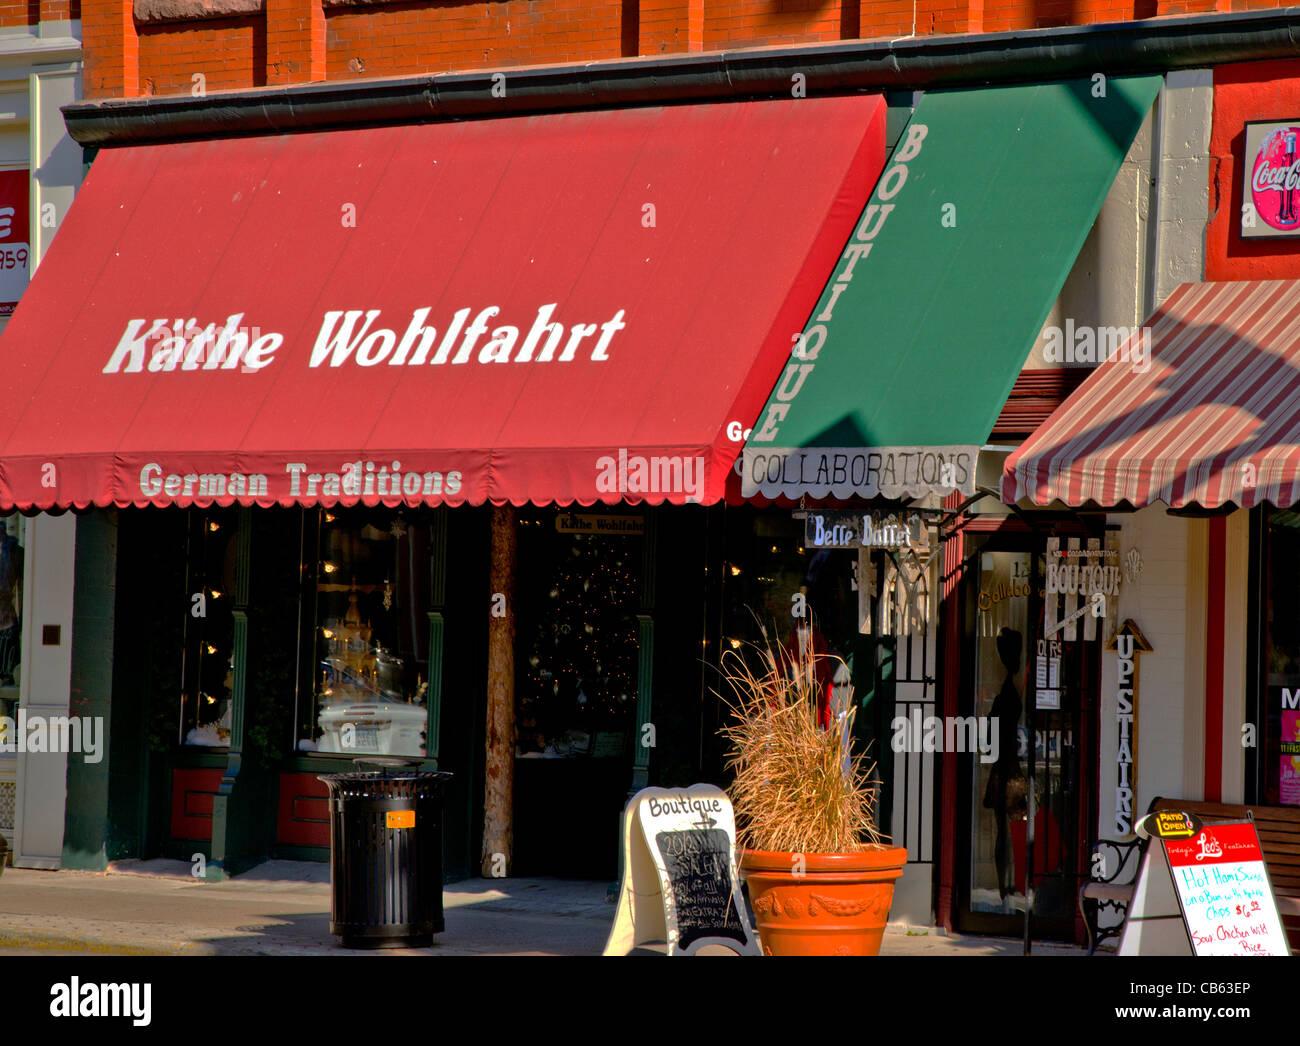 Las tradiciones alemanas tienda Kathe Wohlfahrt puso en Stillwater, Minnesota Imagen De Stock